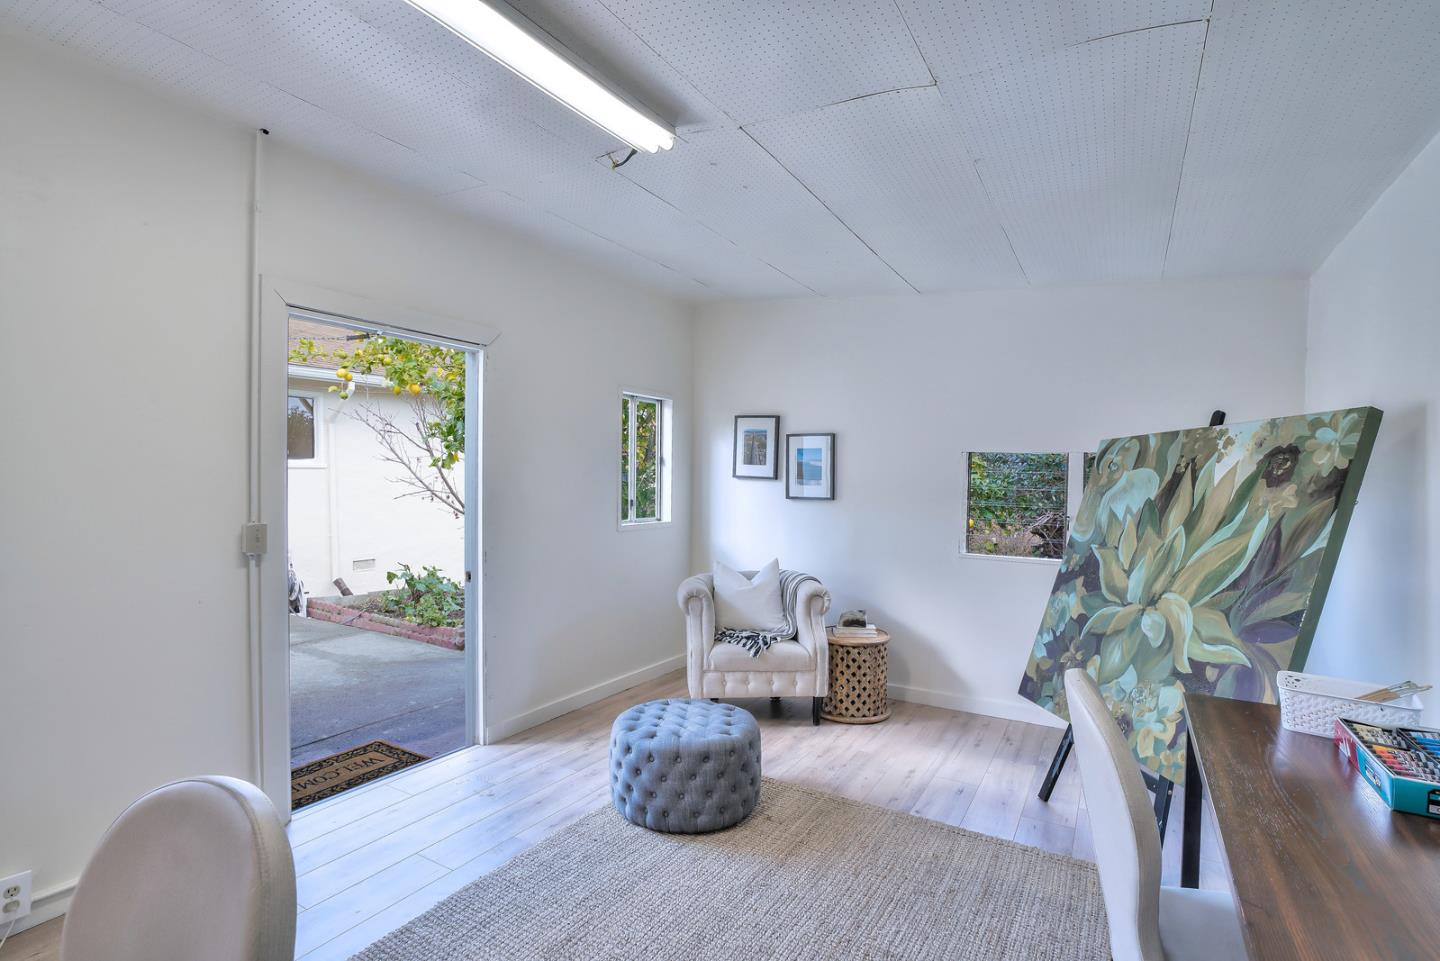 363 Paramount Drive, Millbrae, CA 94030 Millbrae CA $1,395,000 MLS ...